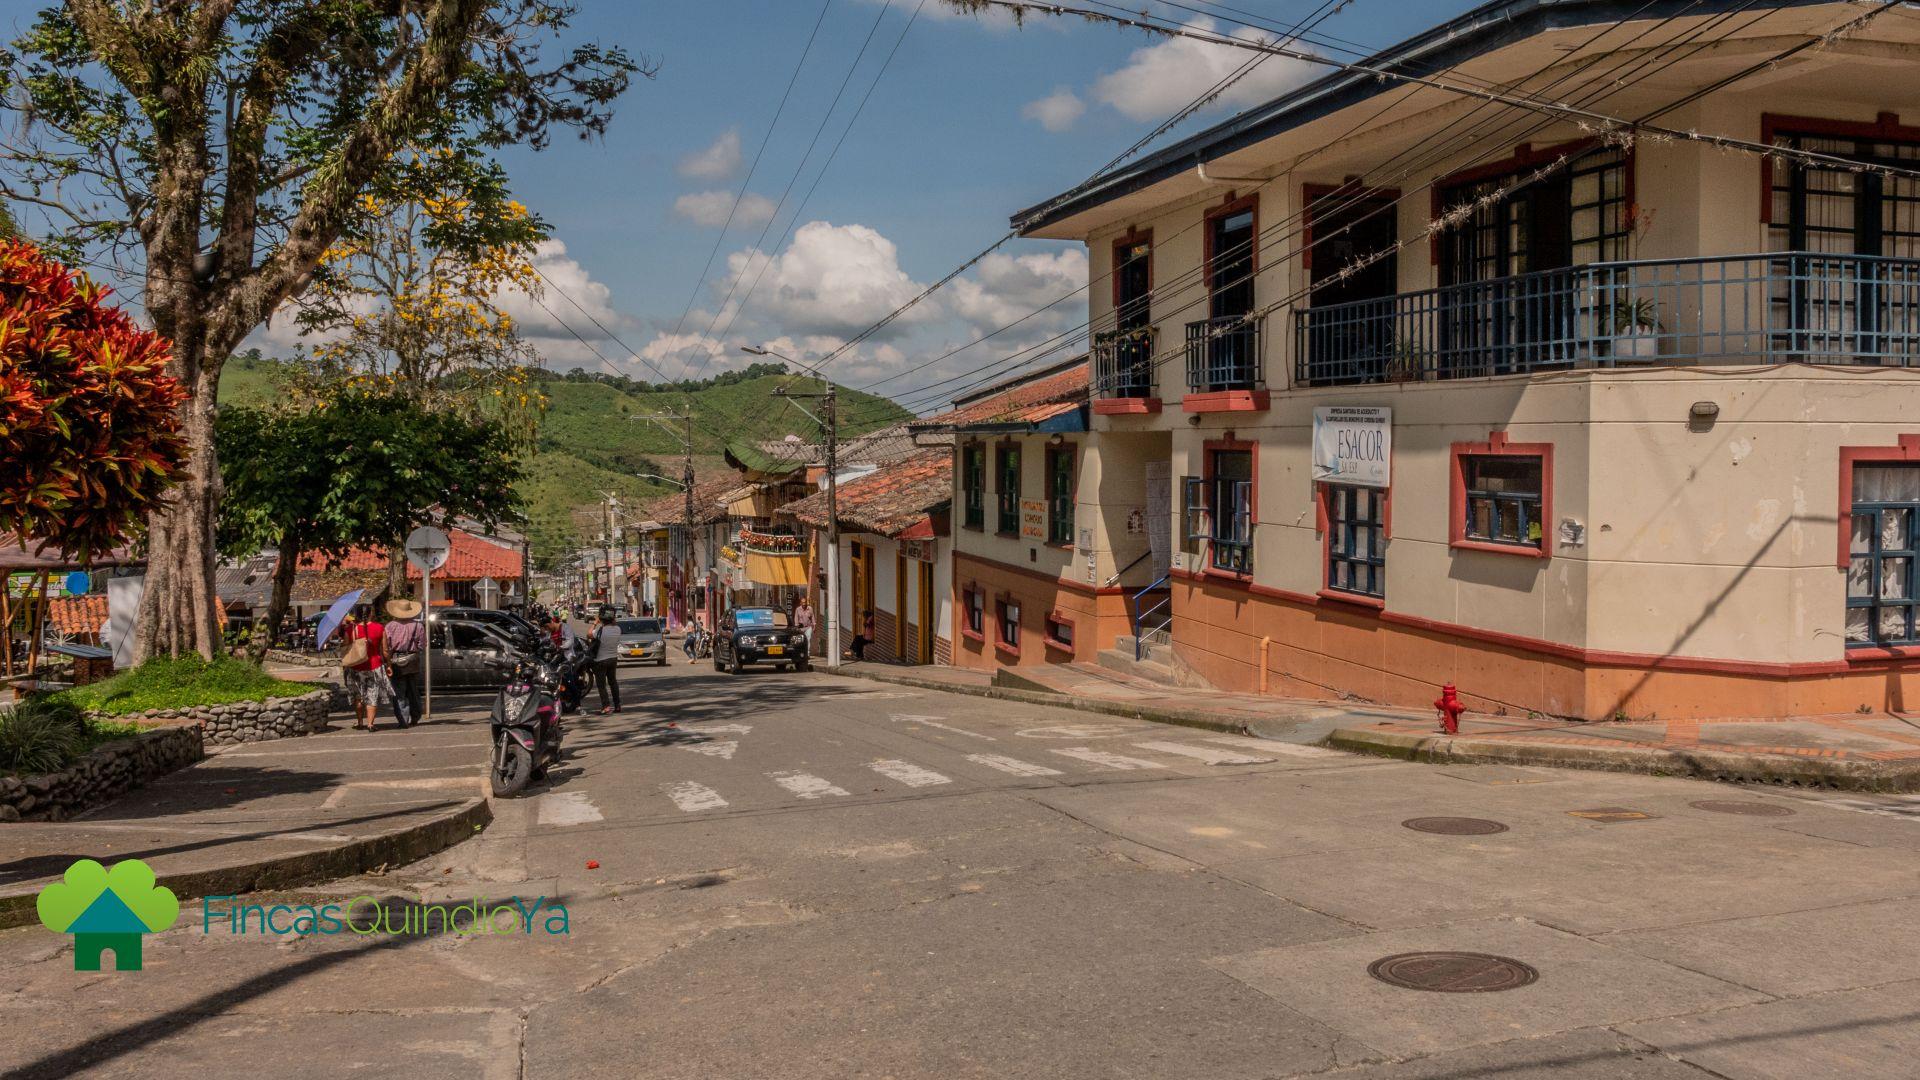 Calle al lado de la plaza y coloridas casas